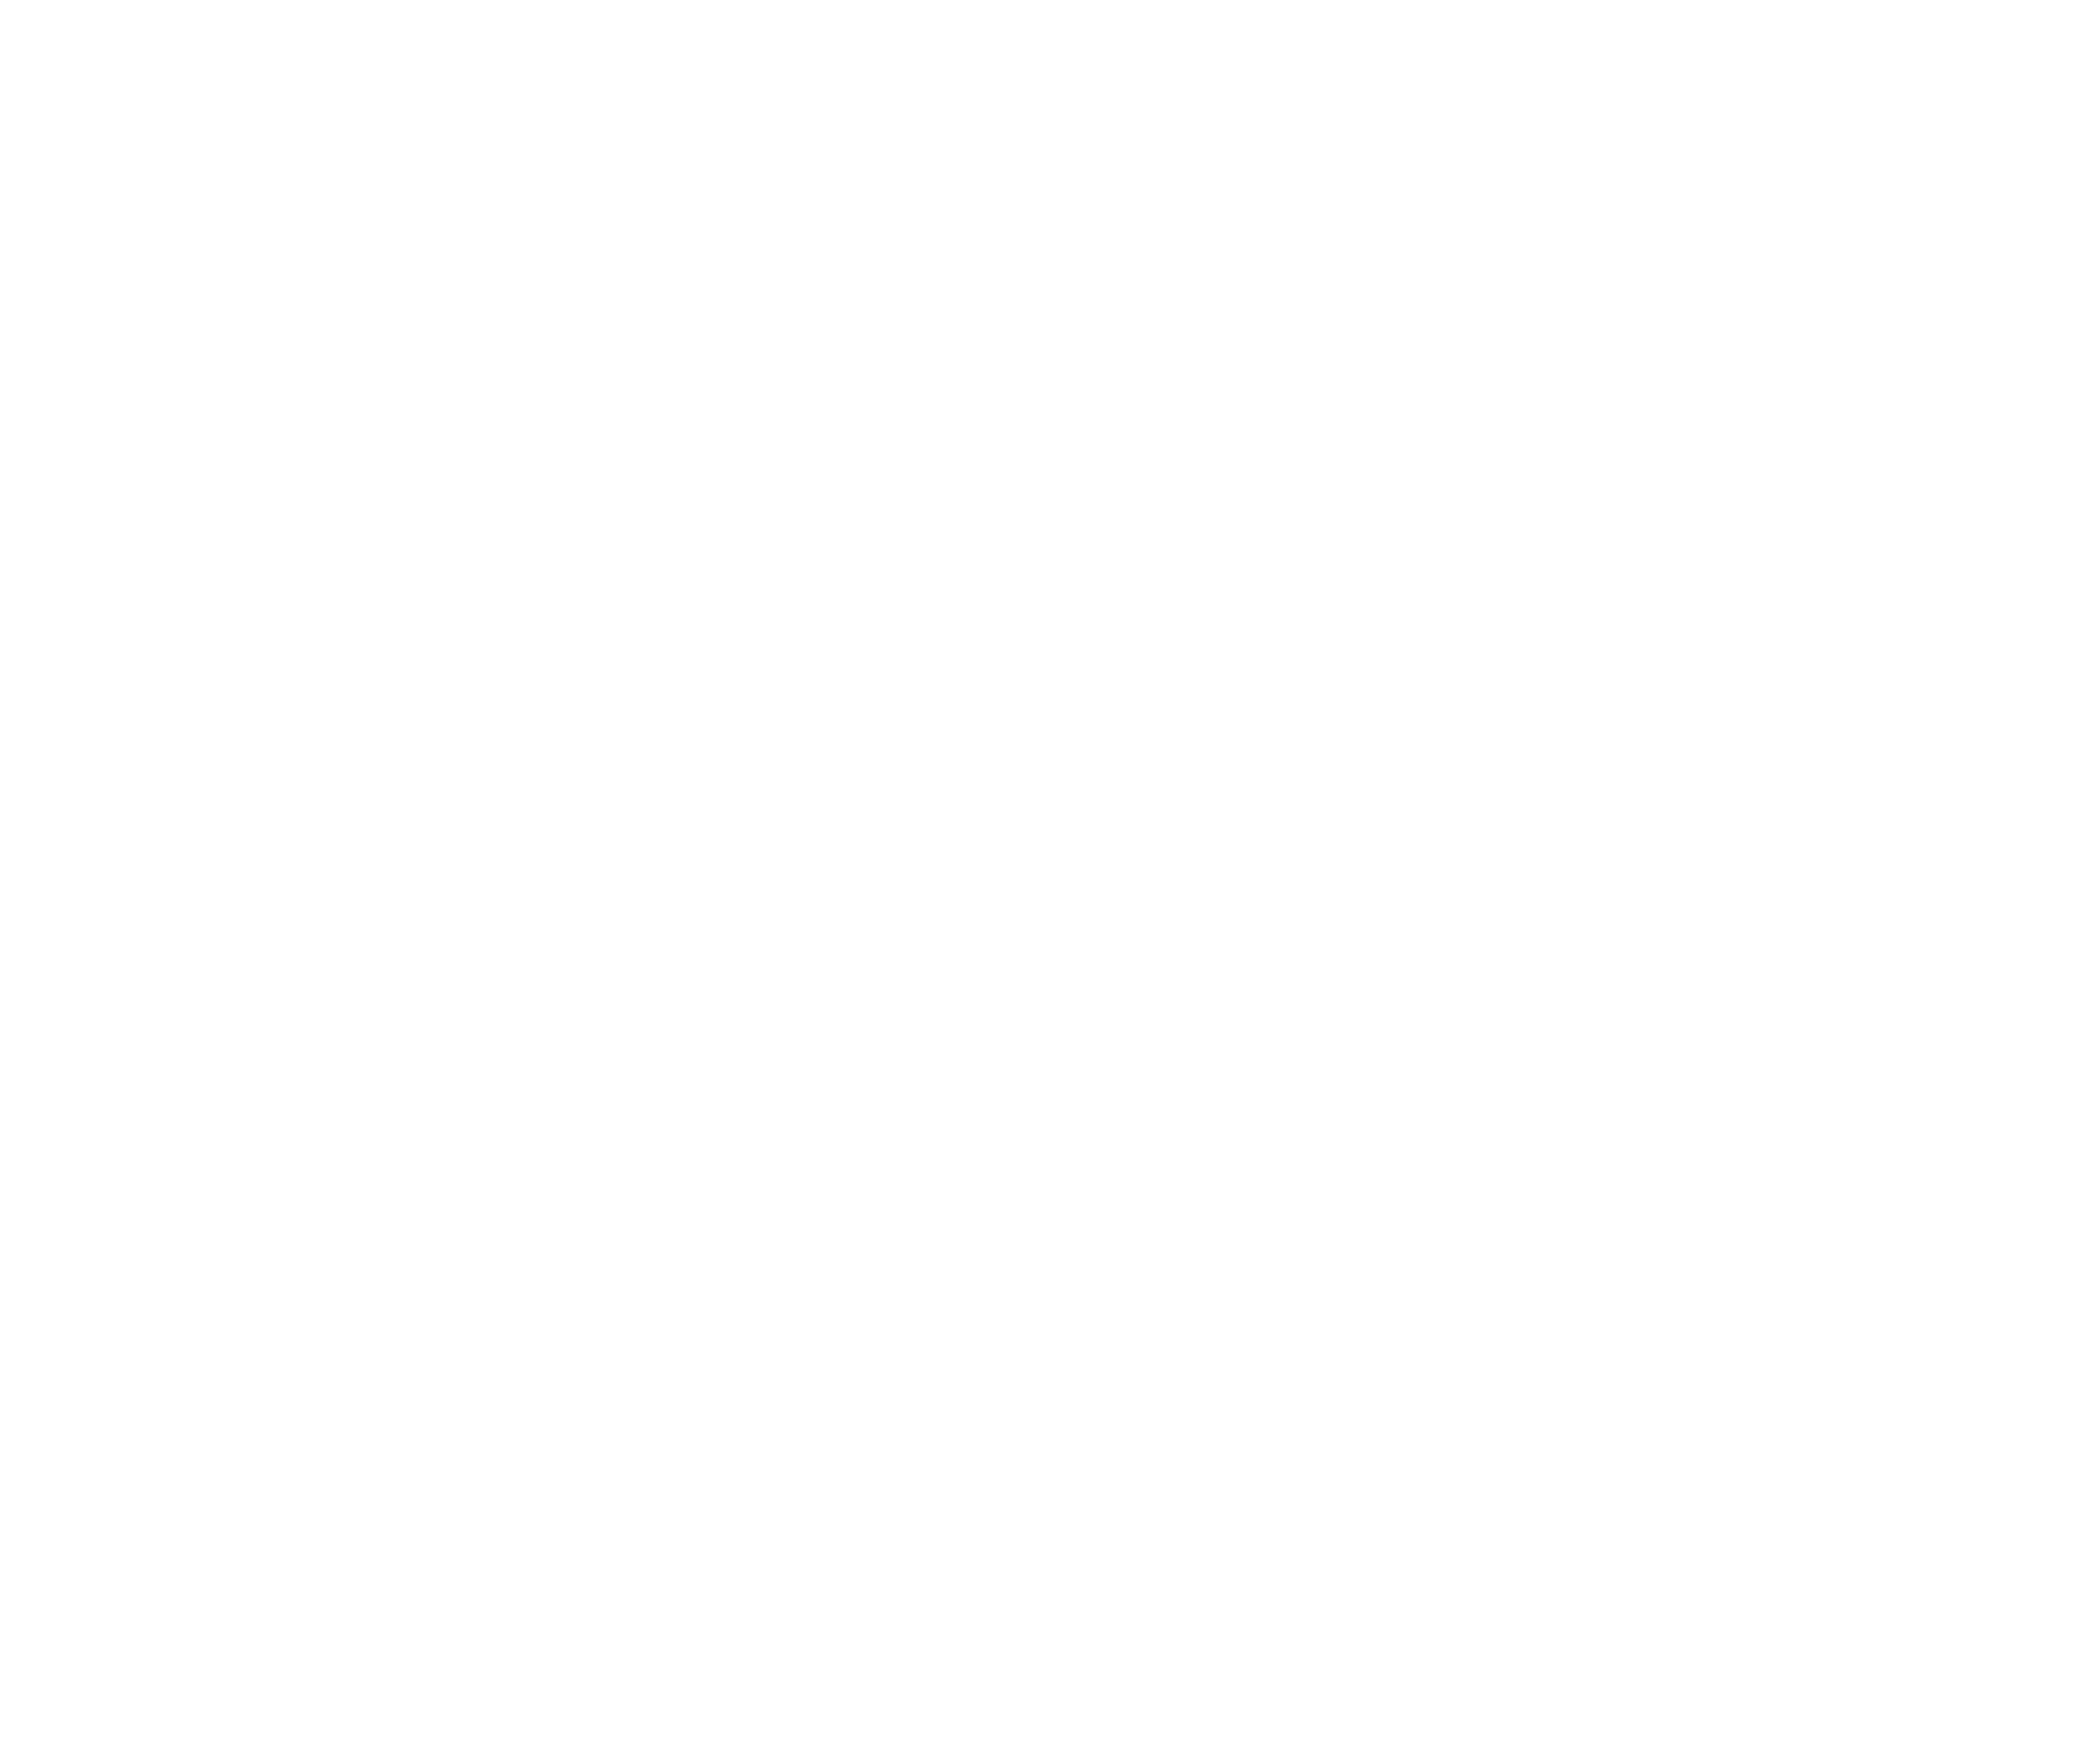 Jewish Federation of Southern New Jersey